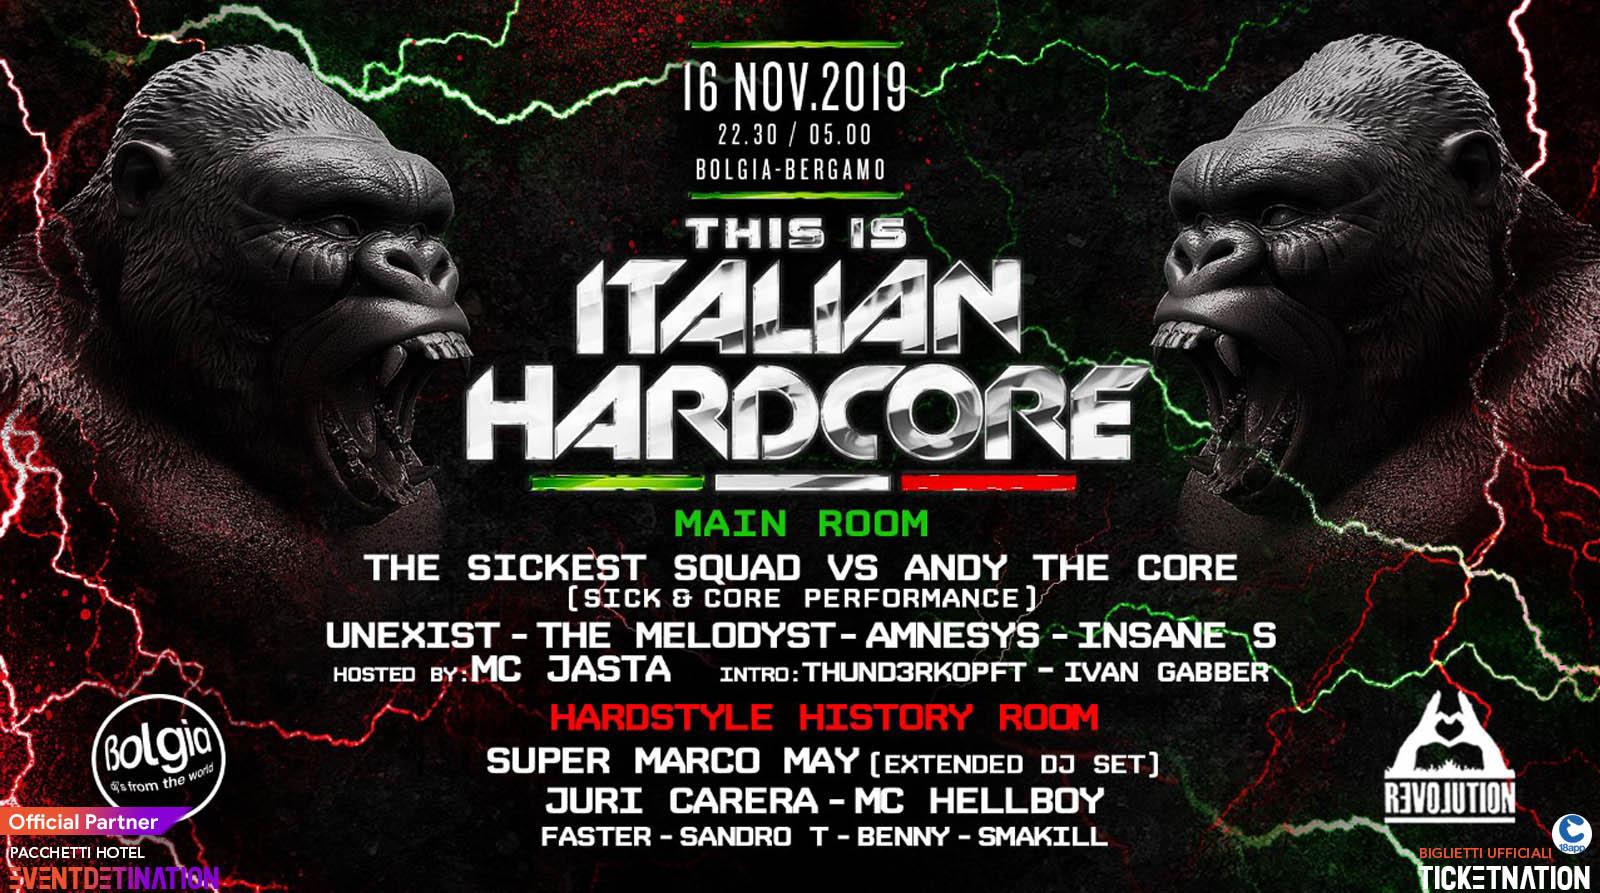 Italian Hardcore Bolgia Bergamo – Sabato 16 Novembre 2019 – Ticket – Tavoli – Biglietti 18app – Pacchetti Hotel